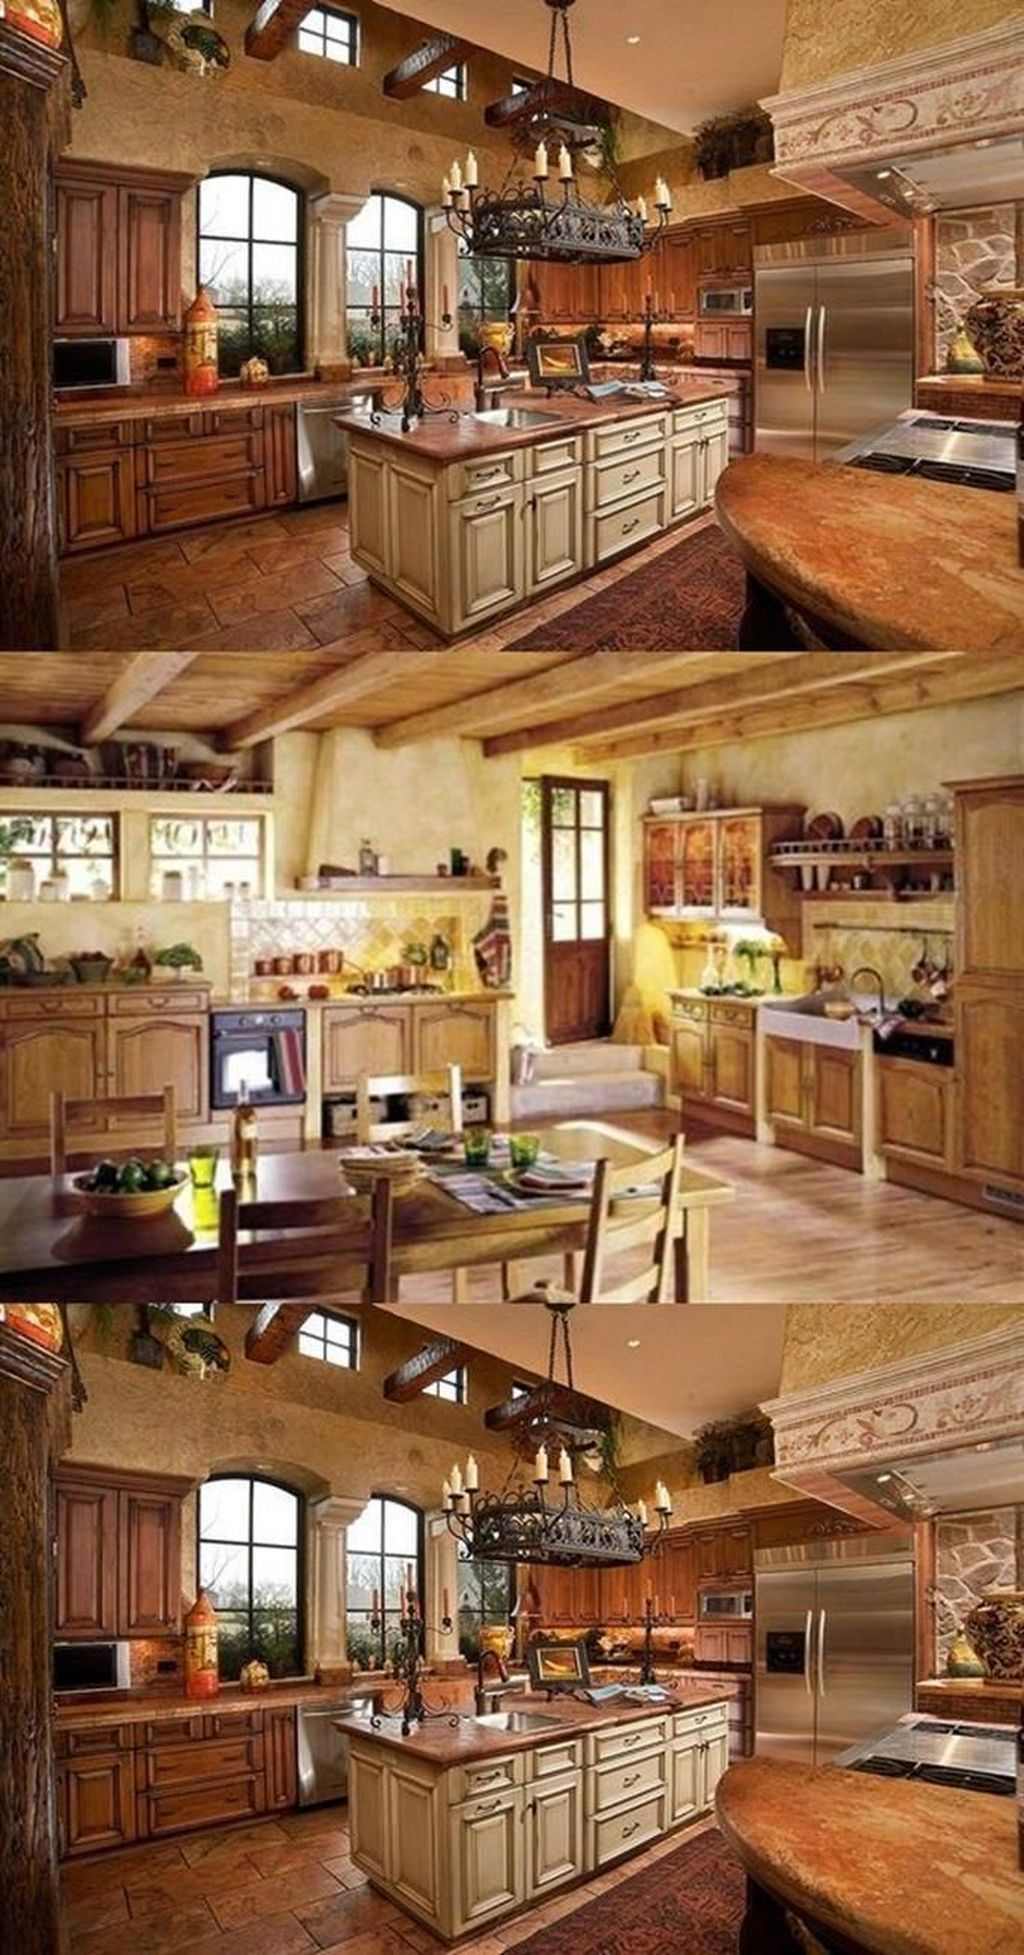 42 Amazing Italian Kitchen Decor Ideas Italian Style Kitchens Rustic Italian Decor Italian Kitchen Decor